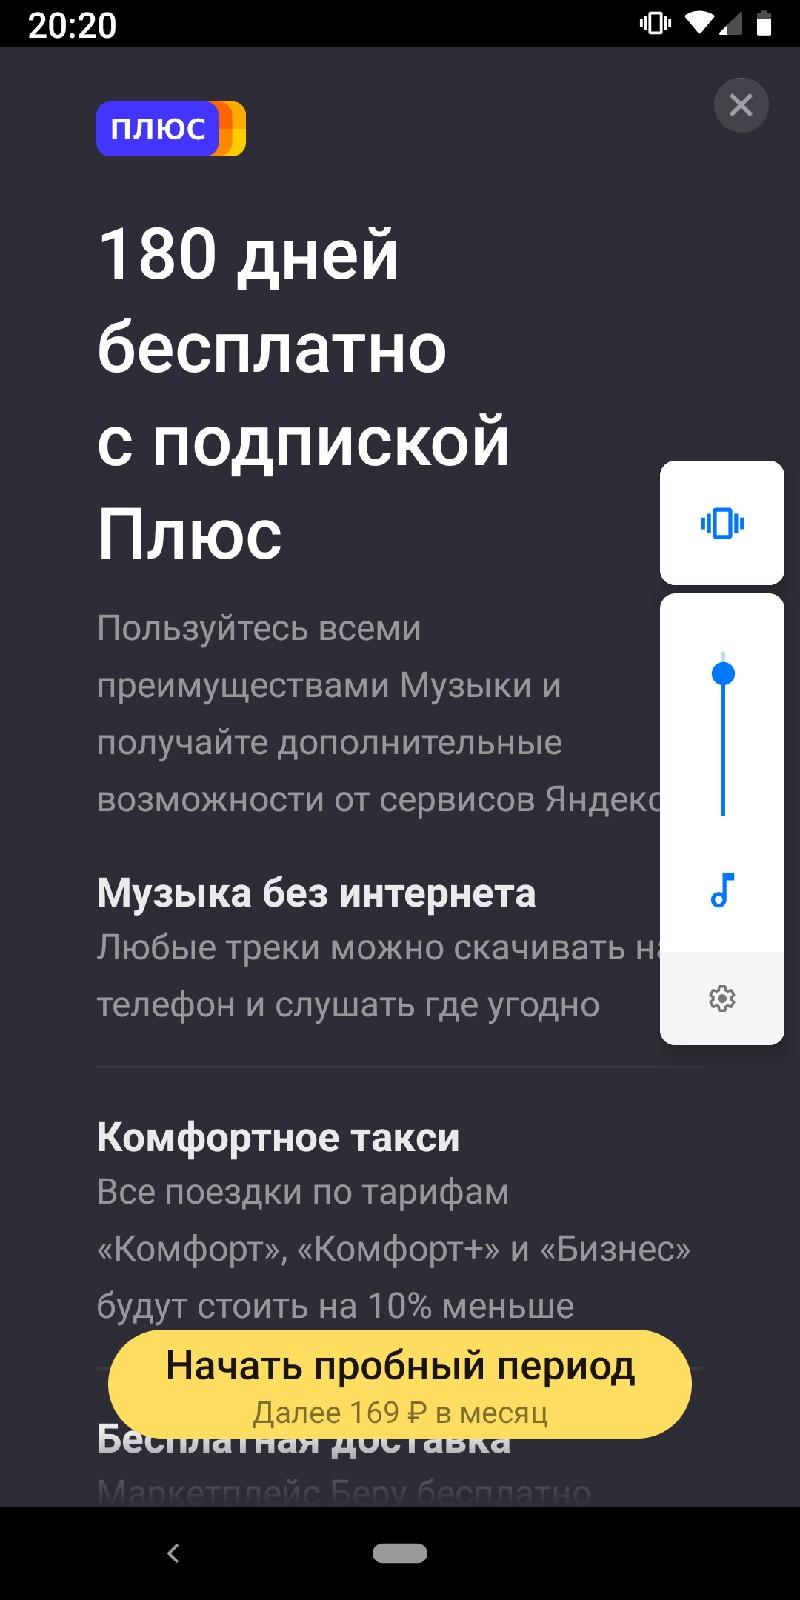 Обзор Яндекс.Телефона. - Изображение 5